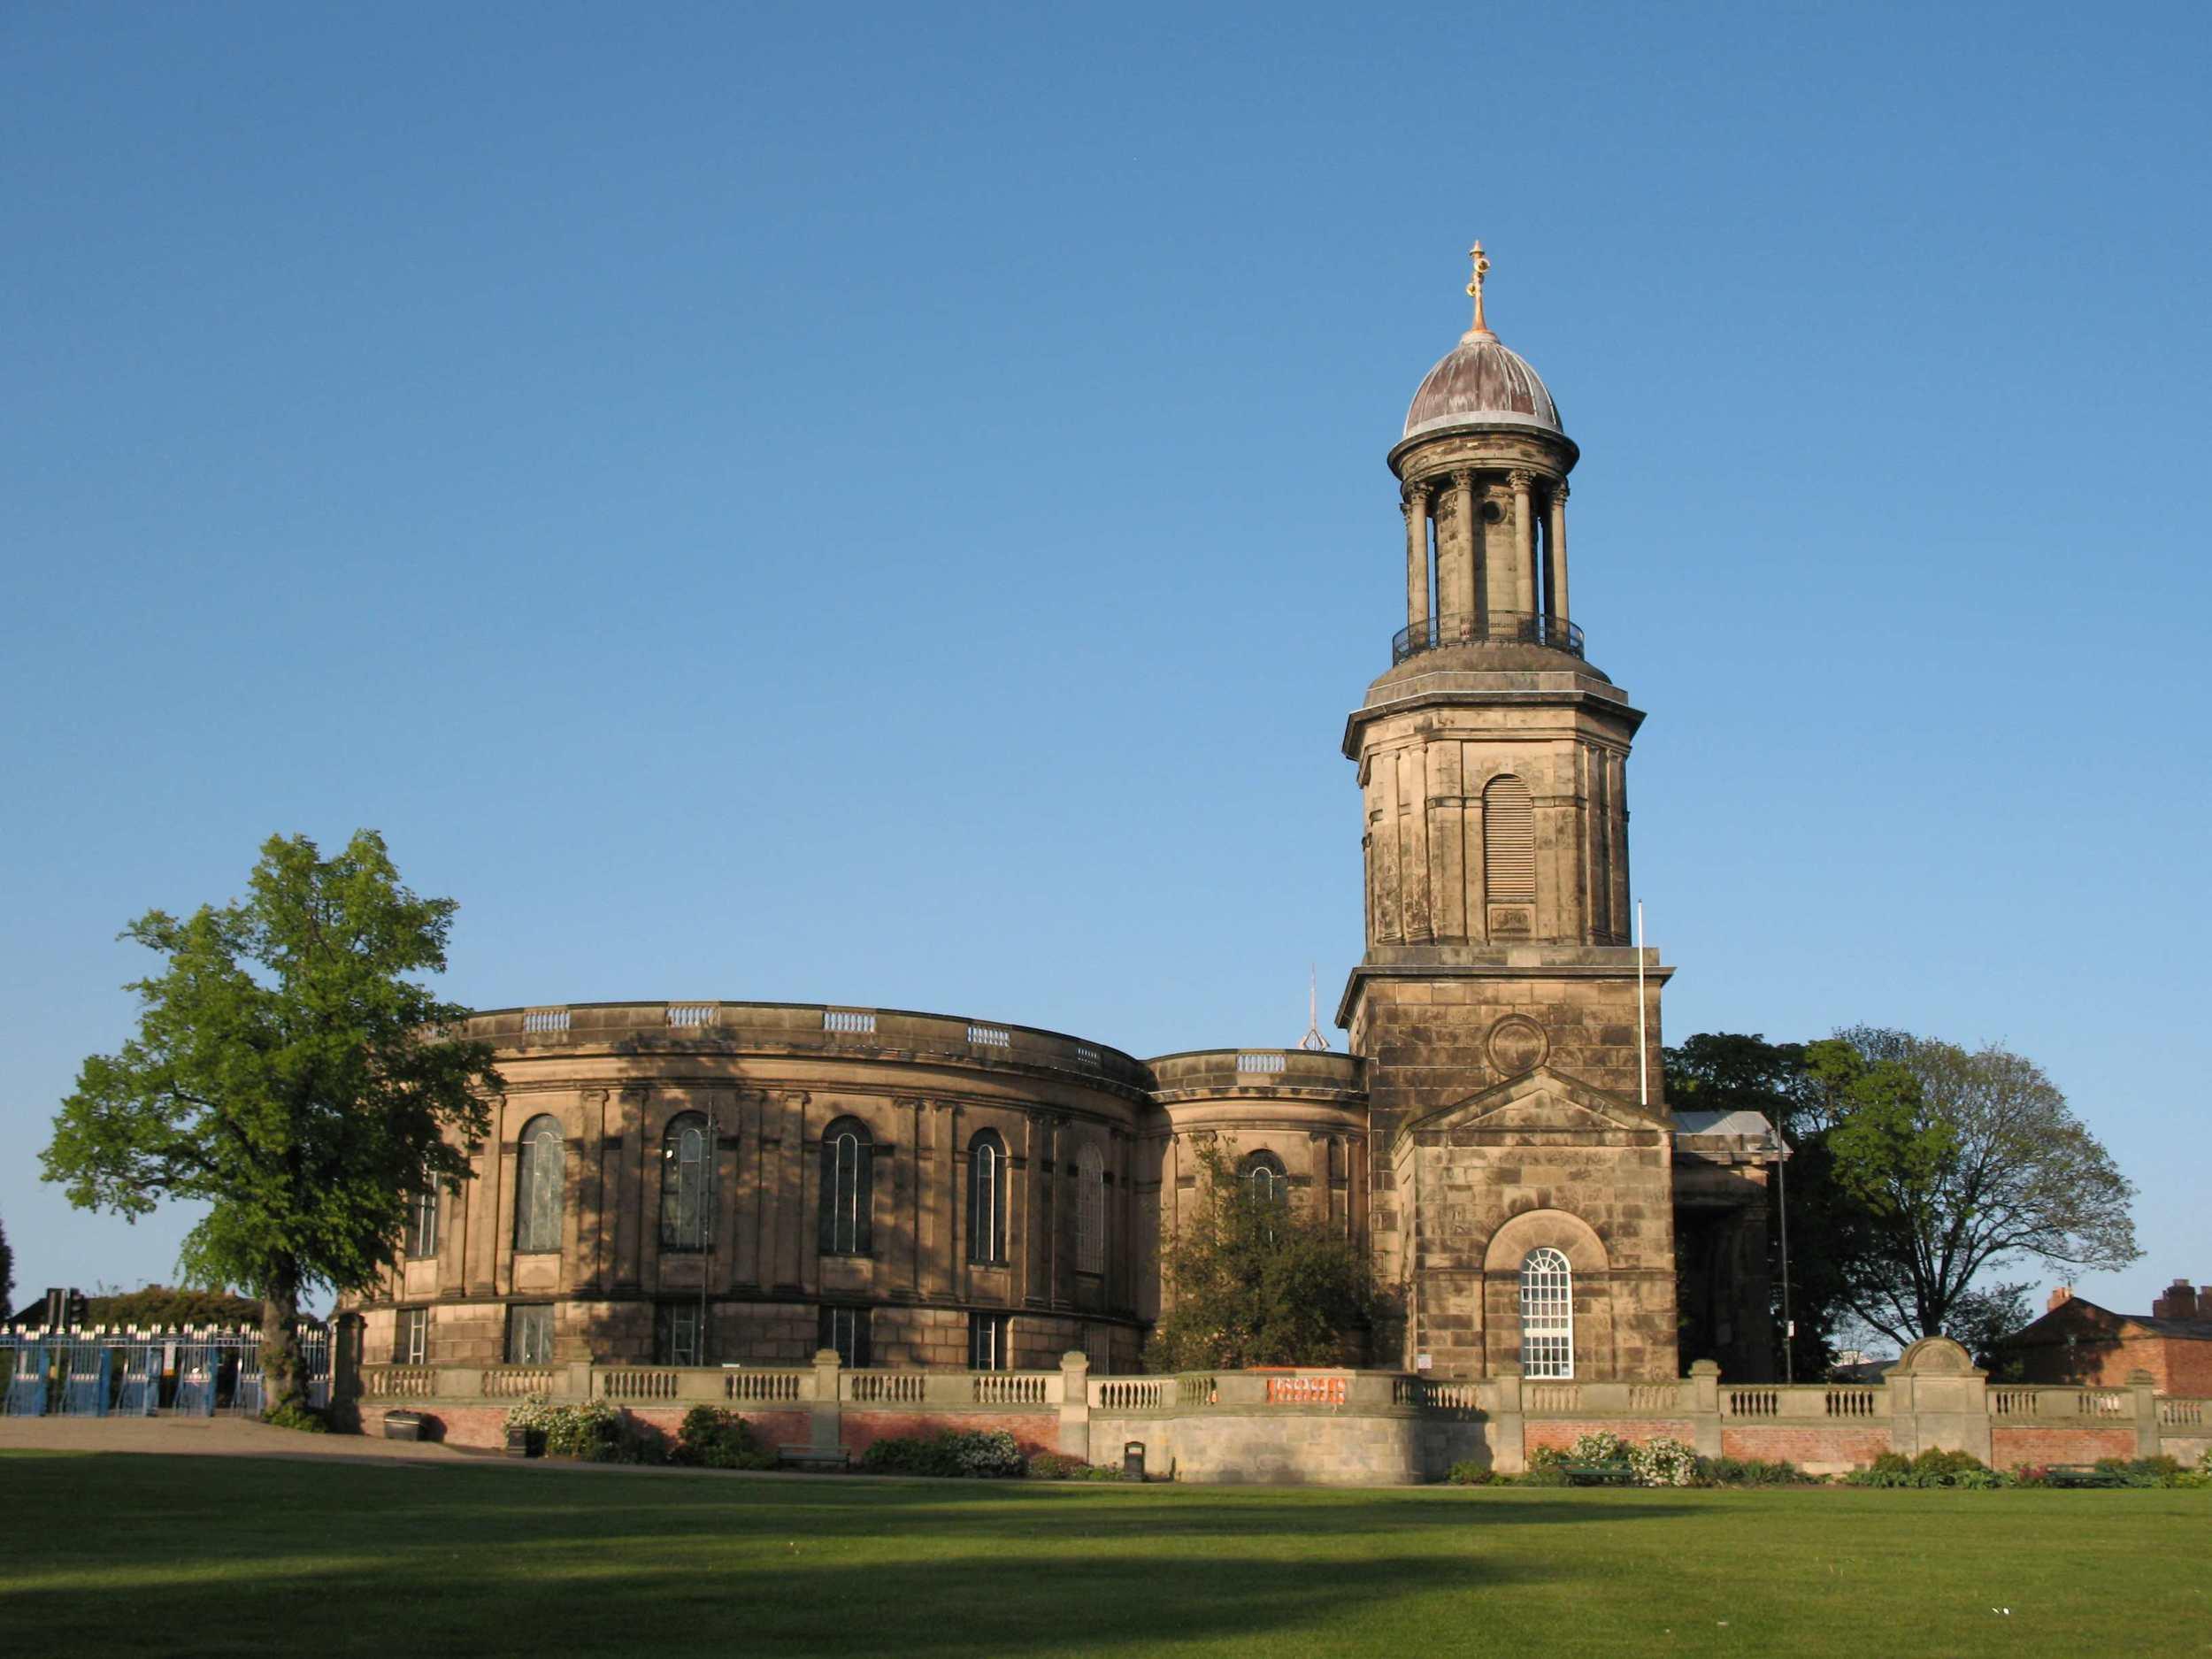 St Chad's Church